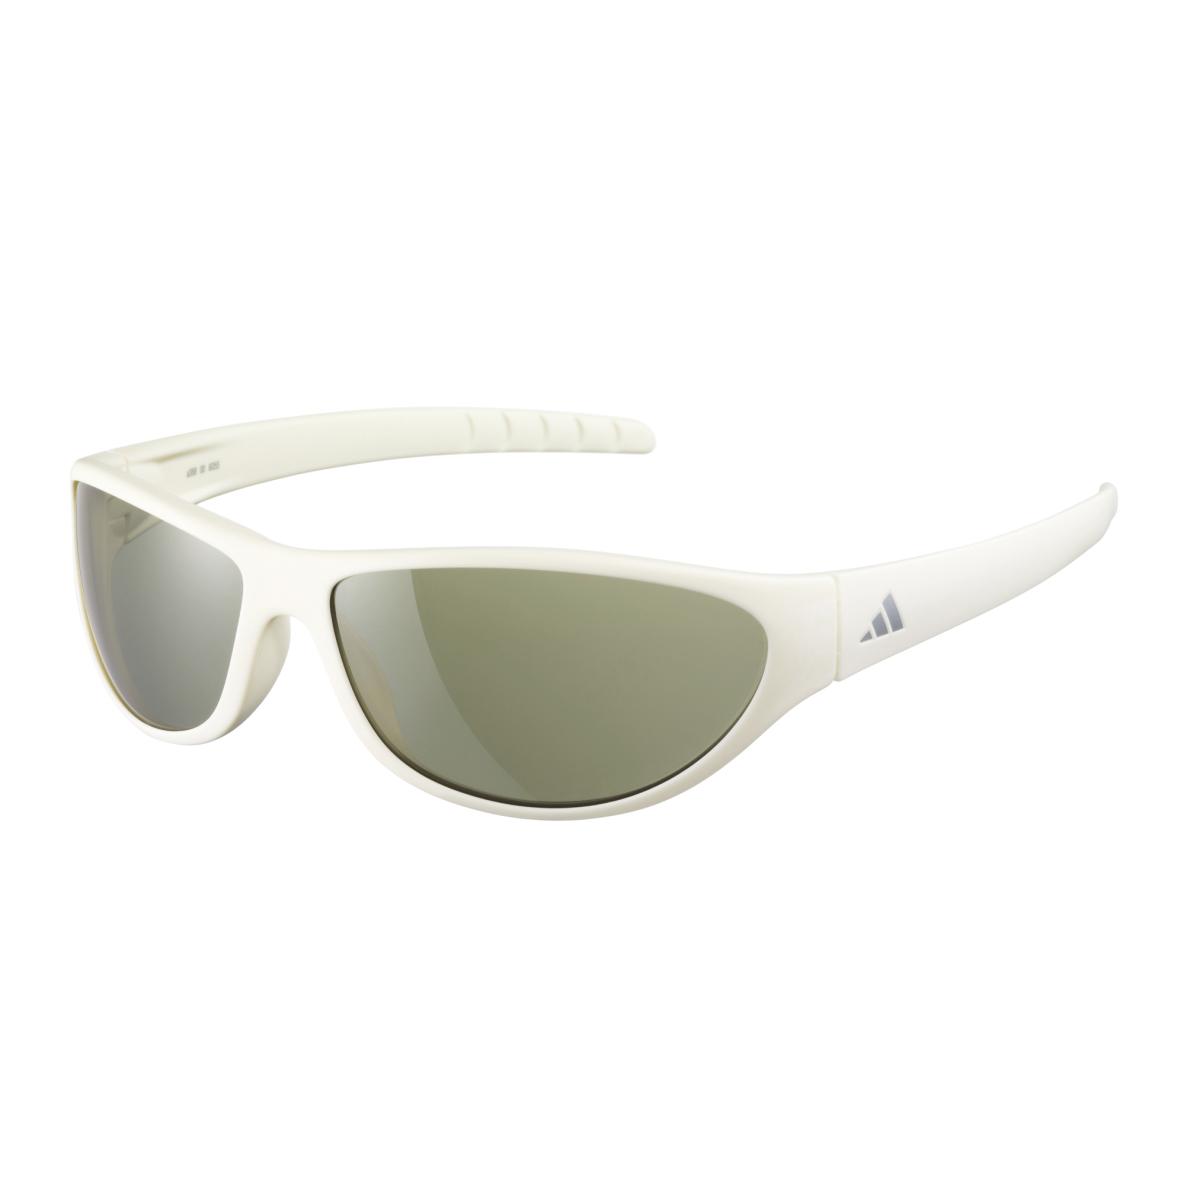 Adidas Naloa Sunglasses - Off White